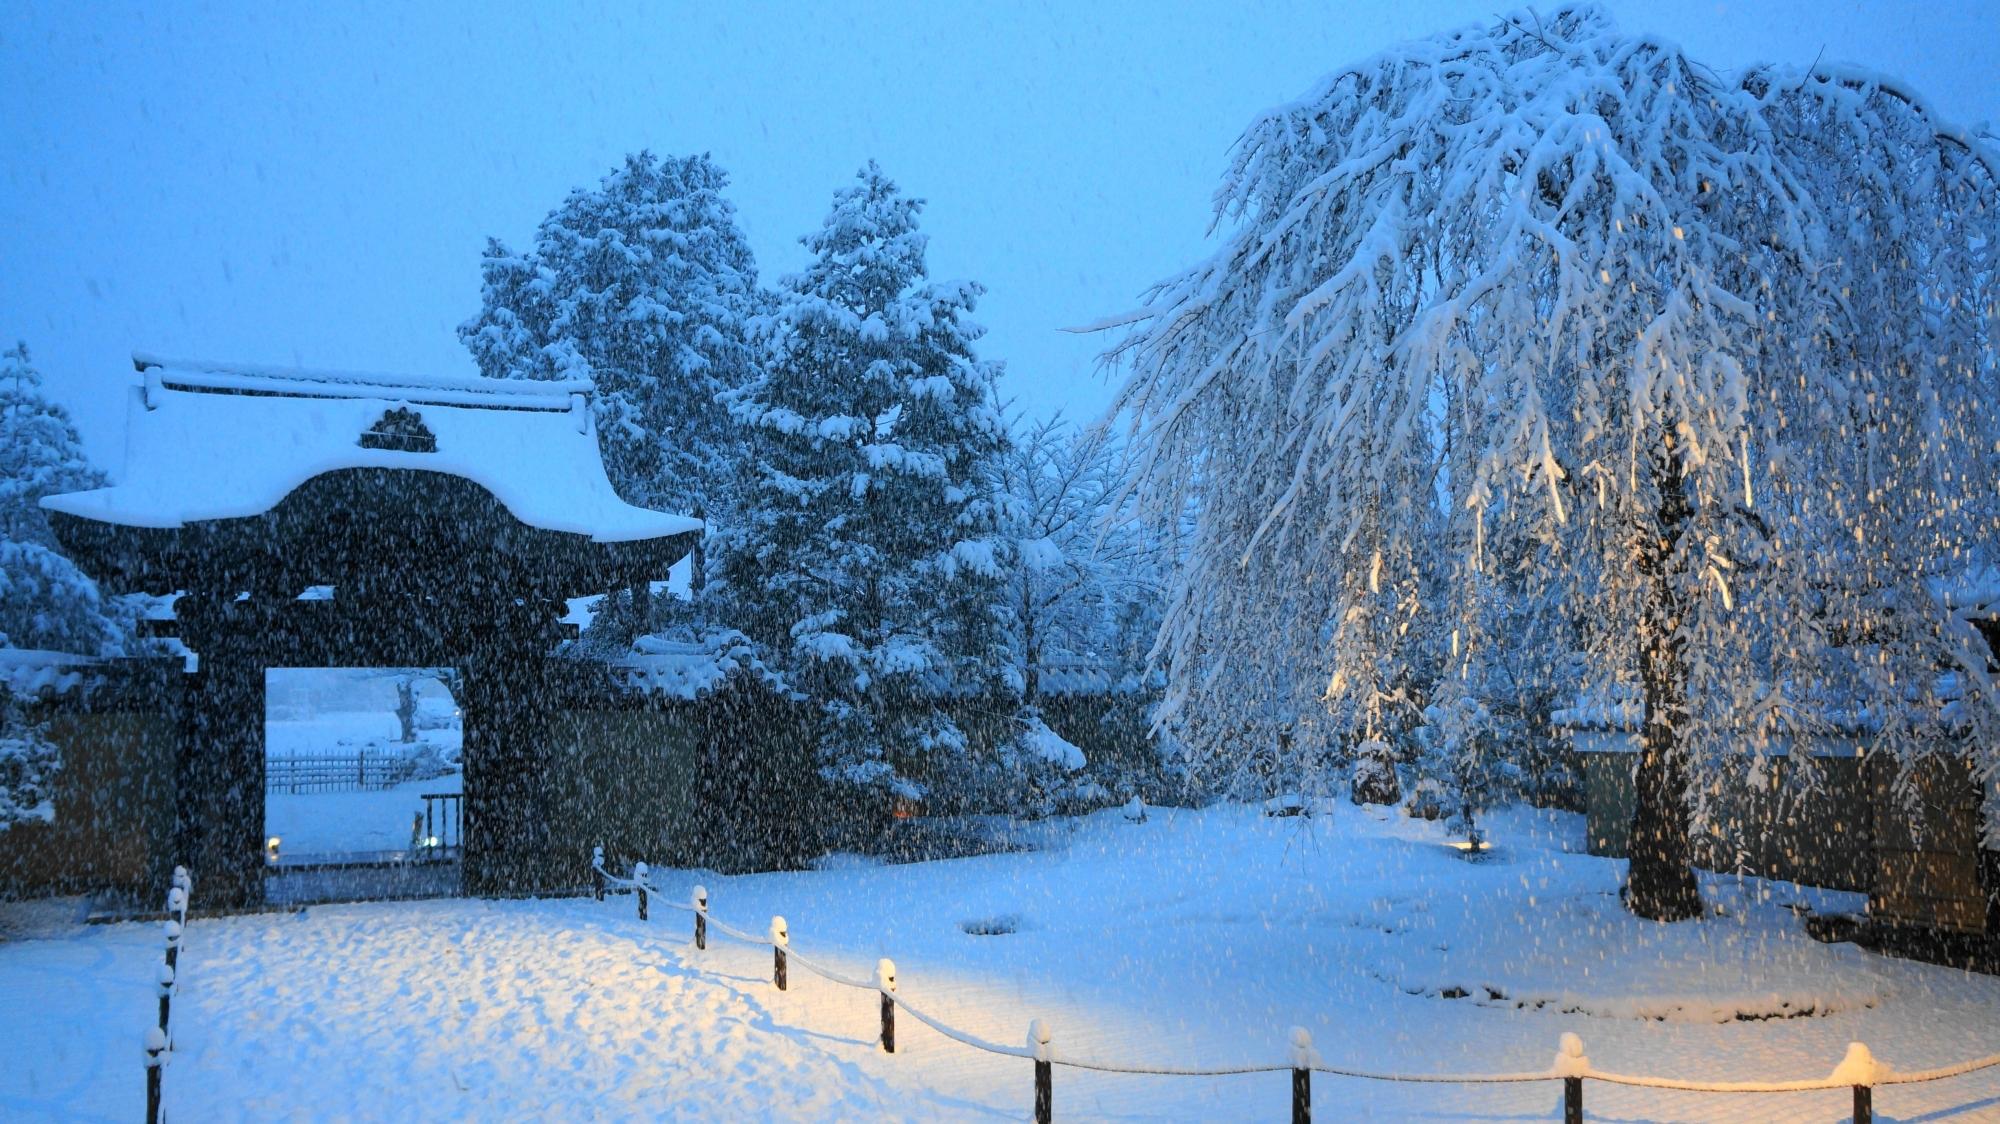 雪の唐門と豪快に雪の花が咲く一本しだれ